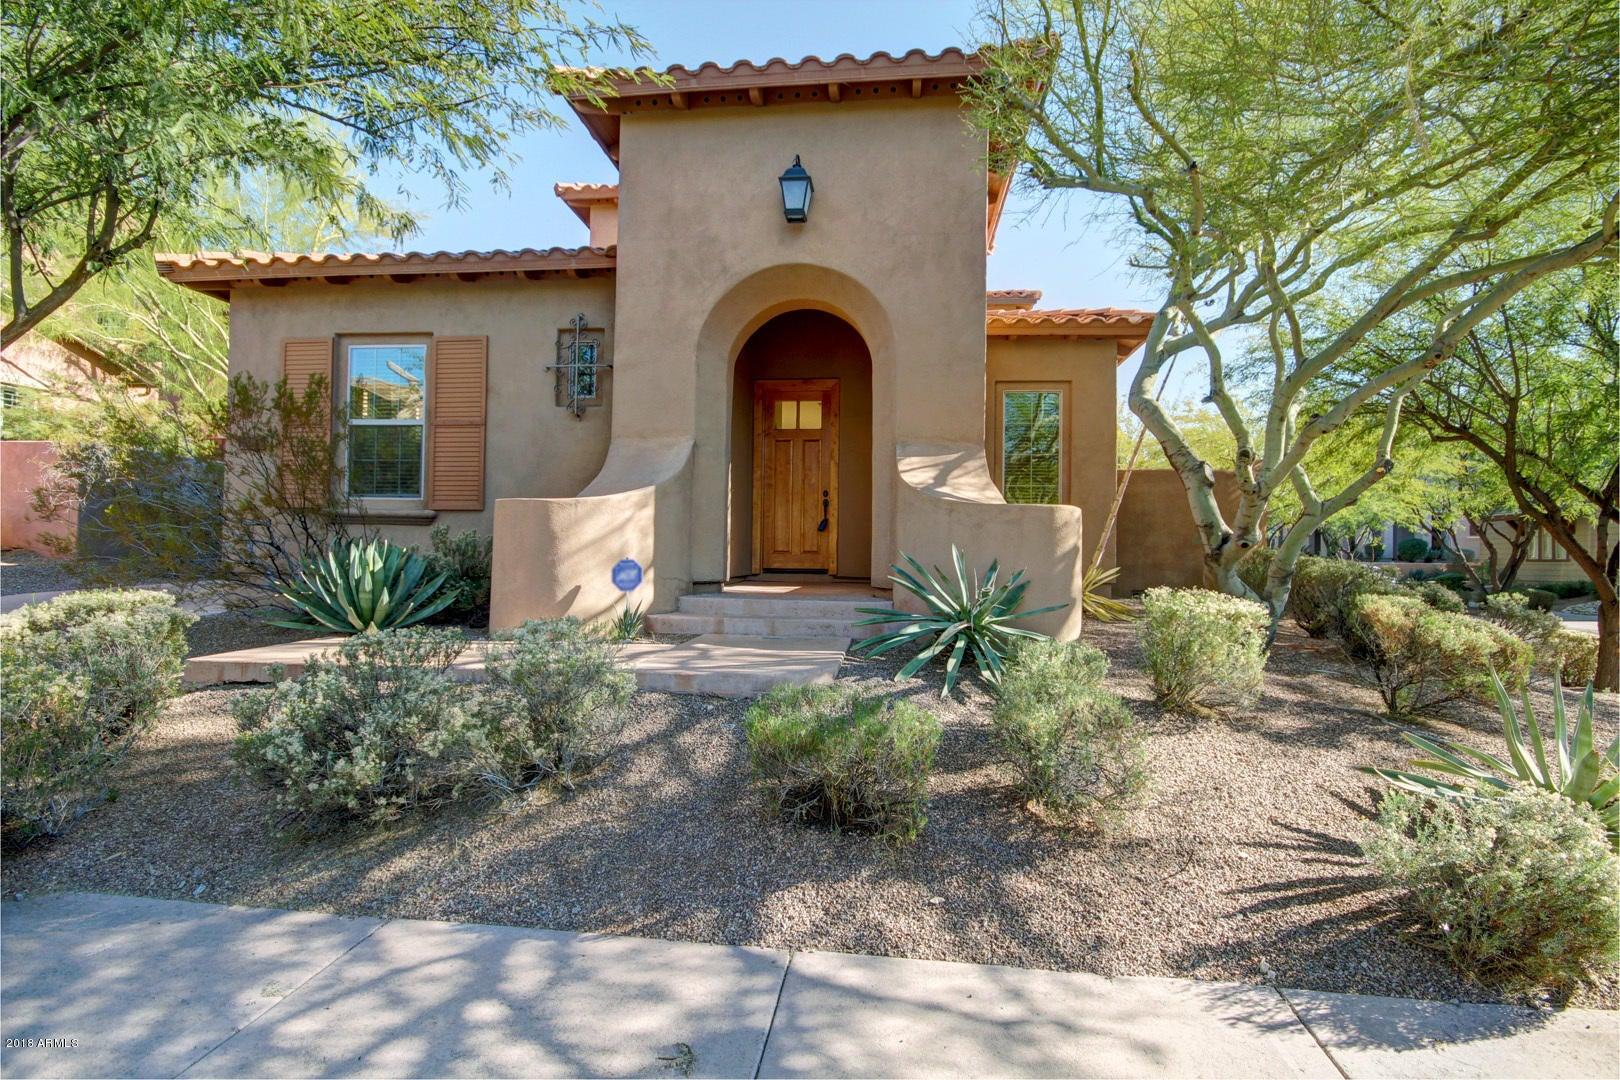 18265 N 94TH Place, Scottsdale AZ 85255